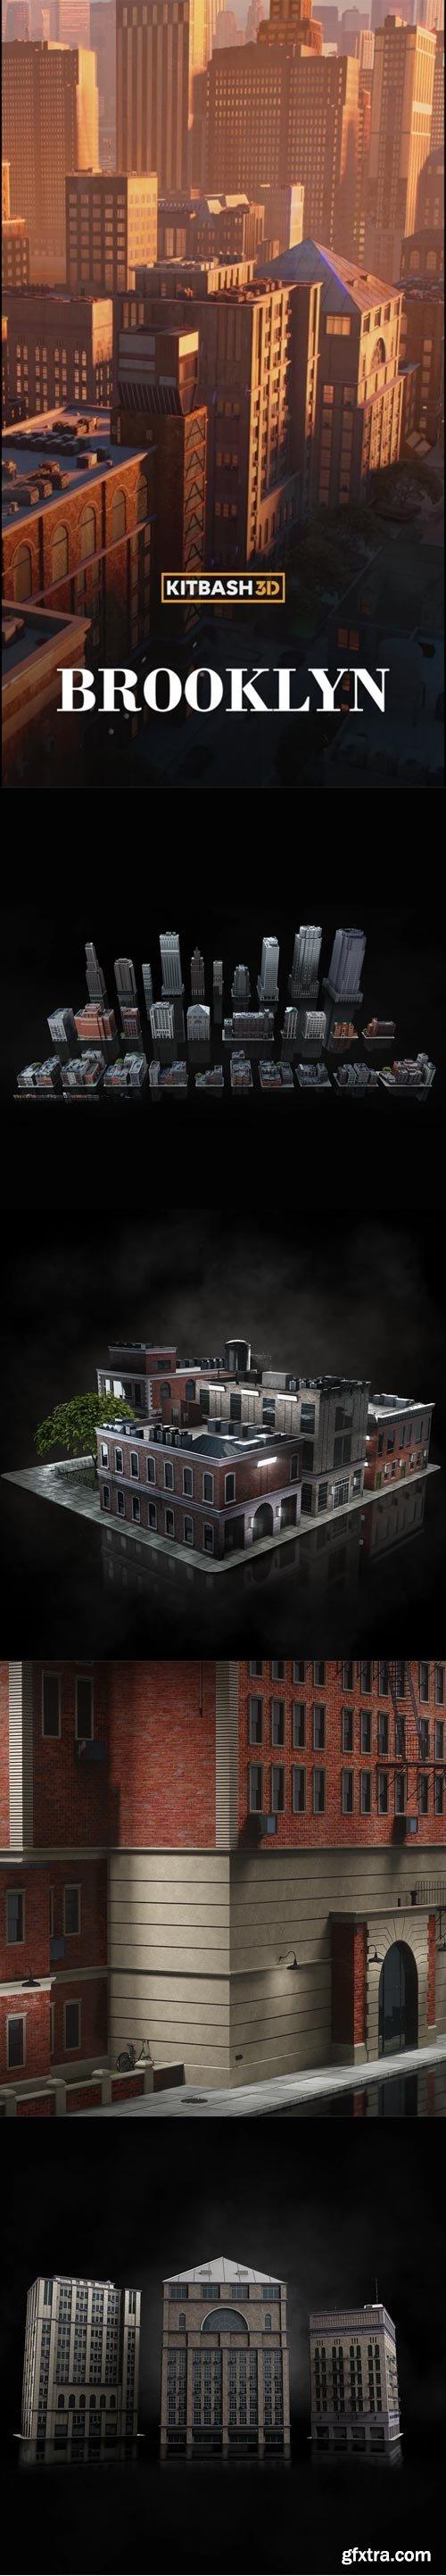 Kitbash3D - Brooklyn